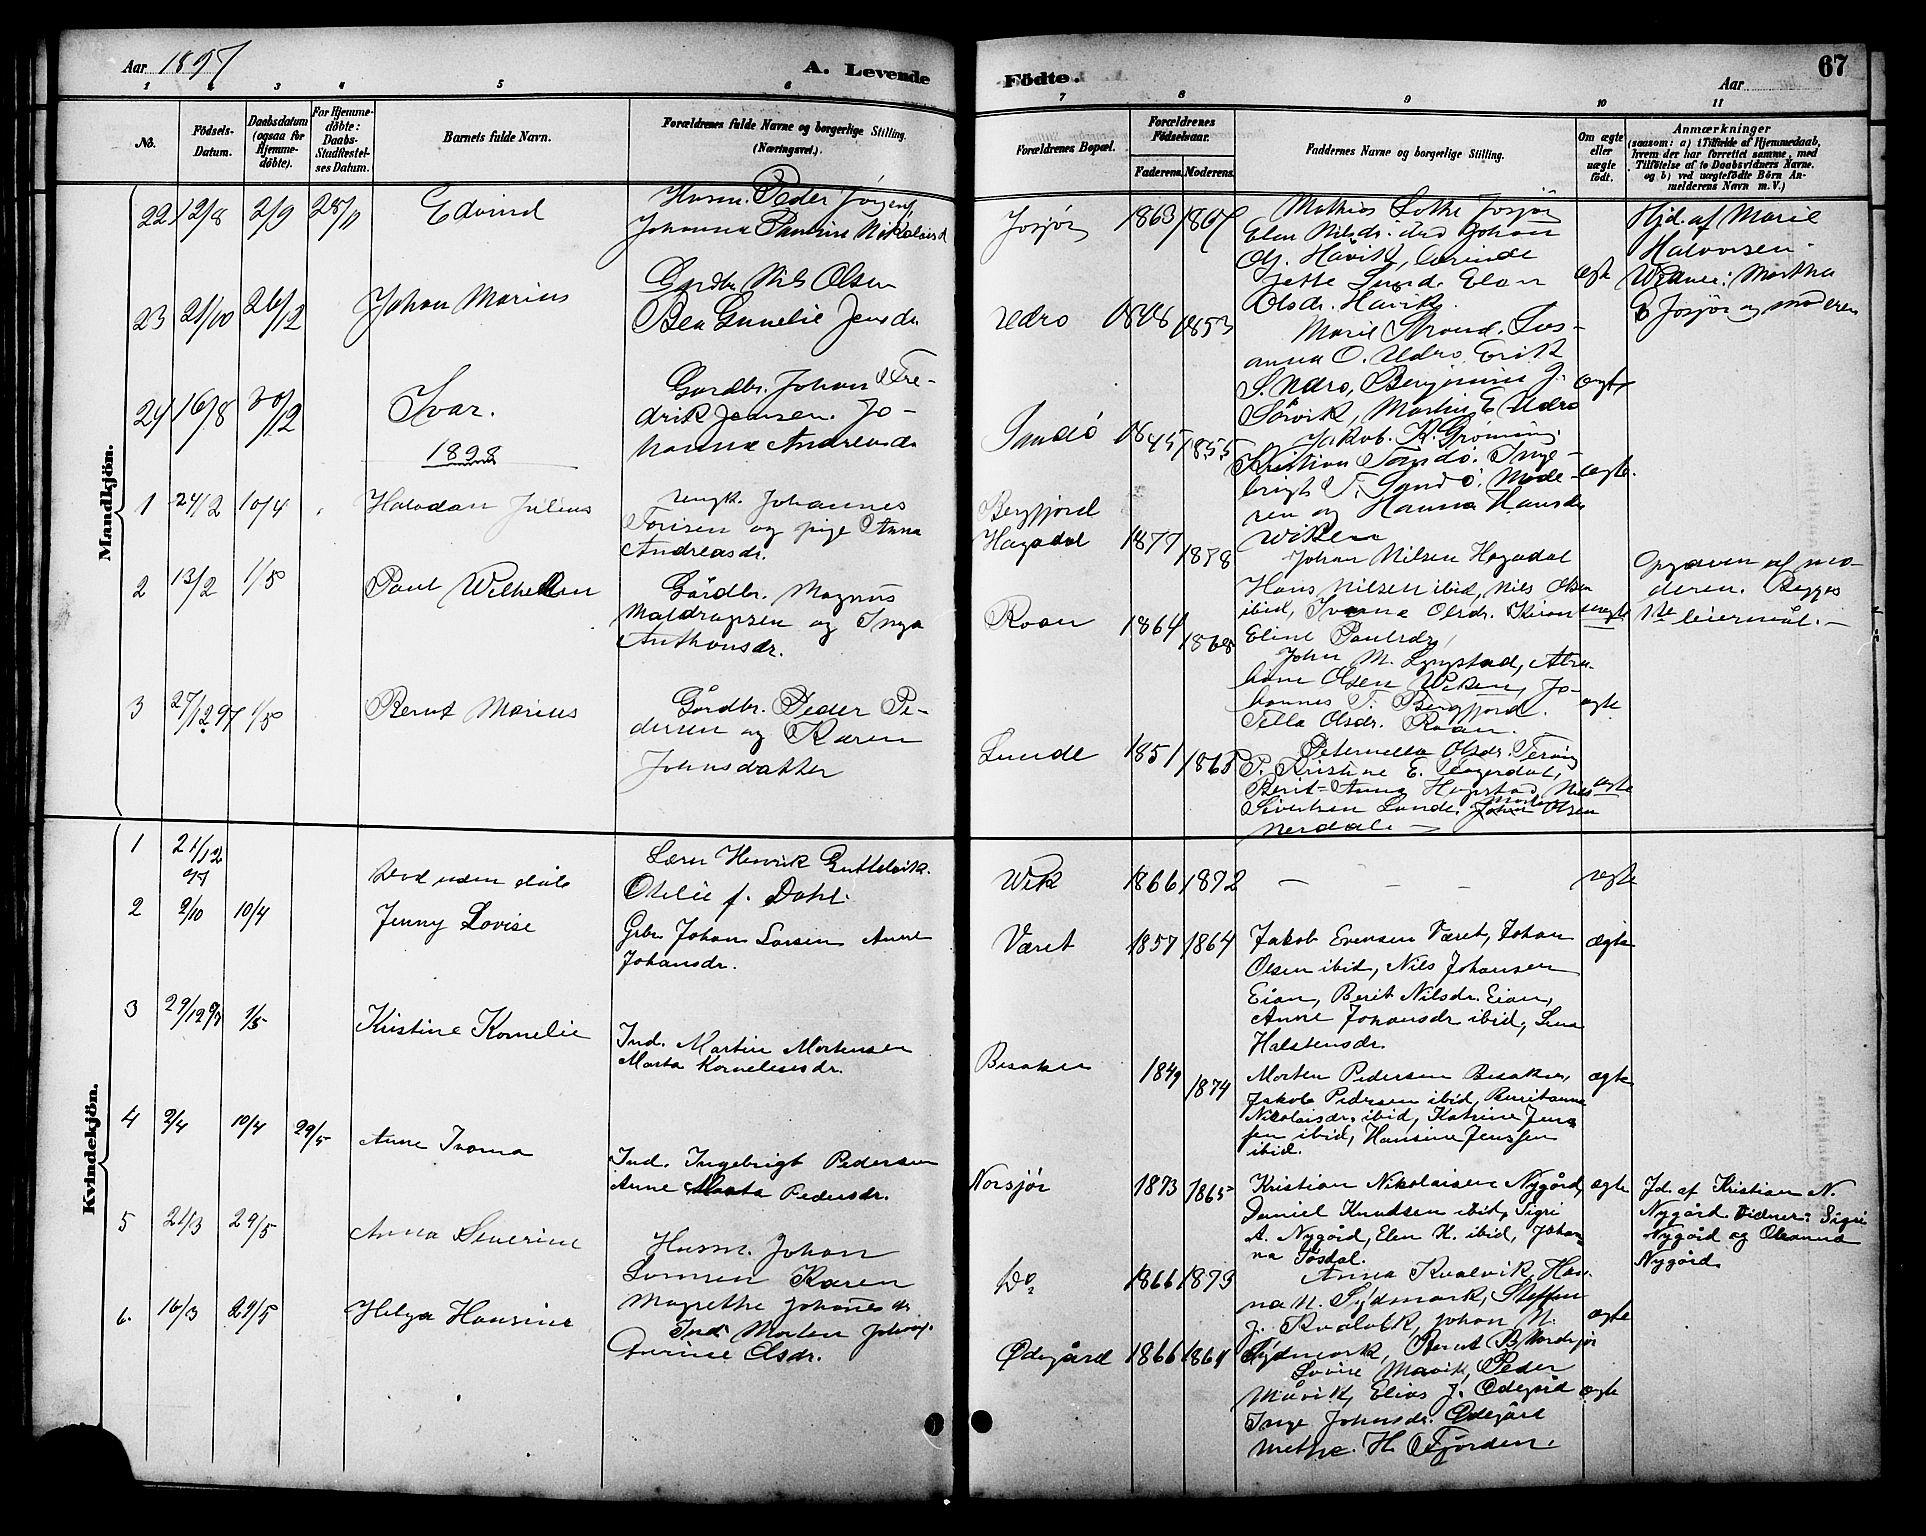 SAT, Ministerialprotokoller, klokkerbøker og fødselsregistre - Sør-Trøndelag, 657/L0716: Klokkerbok nr. 657C03, 1889-1904, s. 67